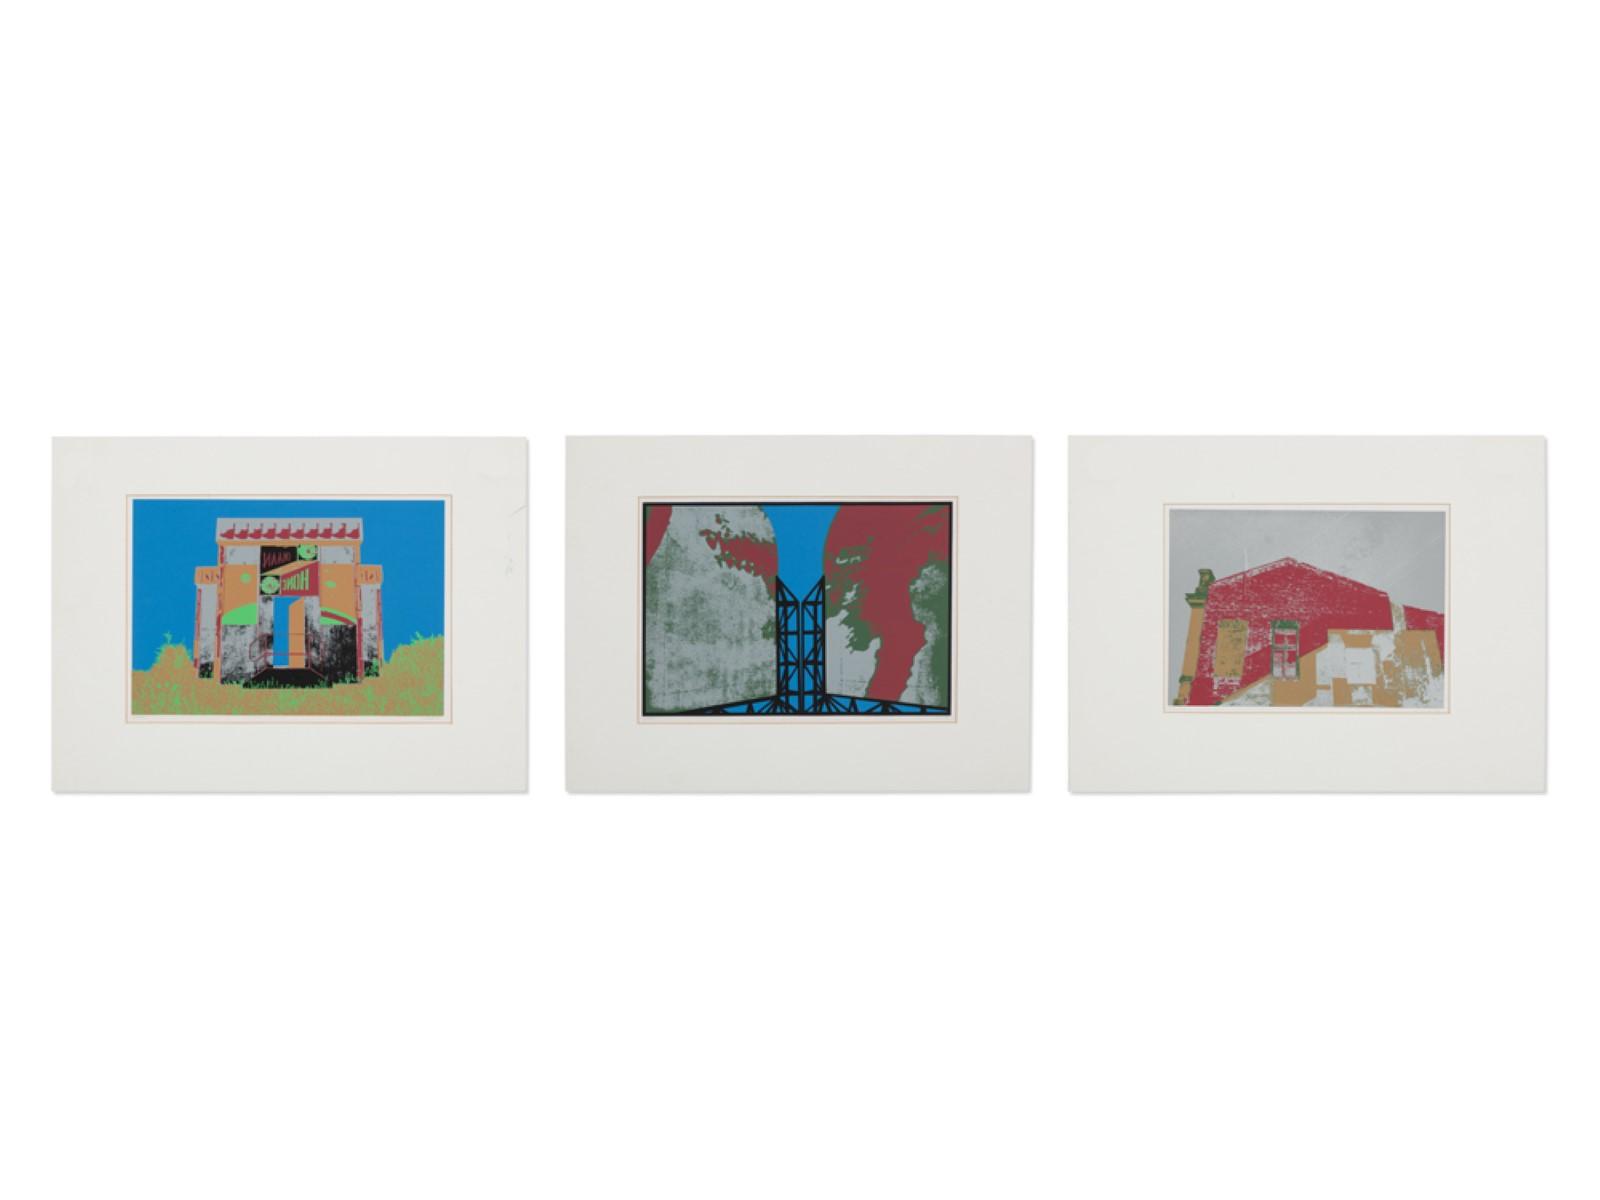 #28 Ulrich Fischer* (1951), Three Serigraphs from the Cycle Russia, 1993 | Ulrich Fischer* (1951), Drei Siebdrucke aus dem Zyklus Russland, 1993 Image